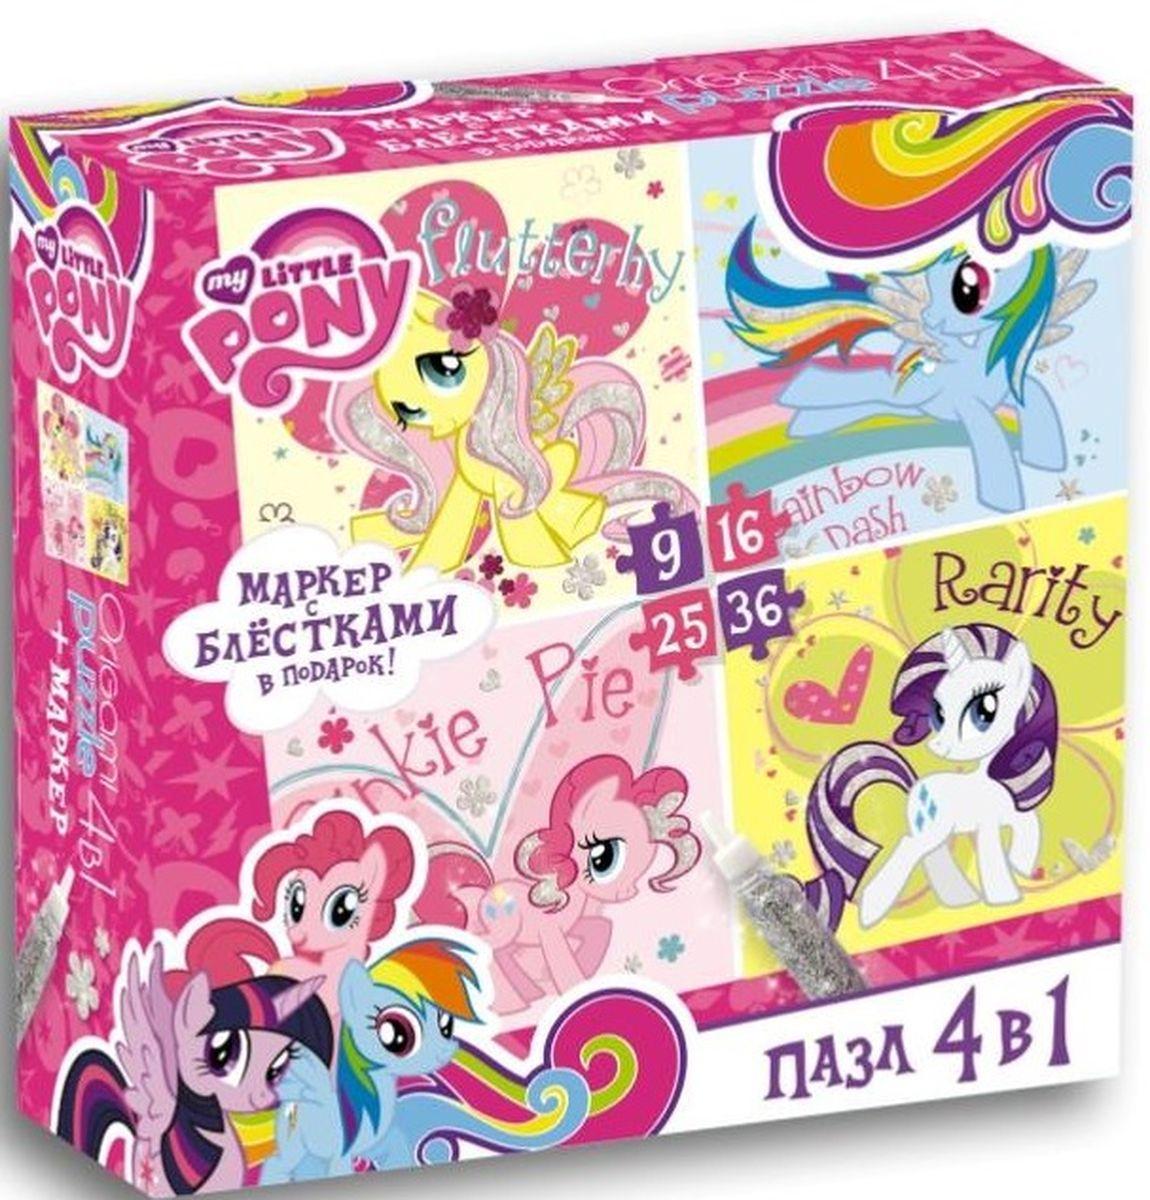 Оригами Пазл MLP 4 в 1 и 0210602106Пазл 4 в 1 на 9, 16, 25, 36 элемента с маленькими пони – это приятный сюрприз для каждой принцессы. Собери красочные картинки с героями мульт-сериала «My little pony»! Это легко и просто. Пазл за пазлом пони страны Эквестрии будут рассказывать свои истории и делиться секретами.